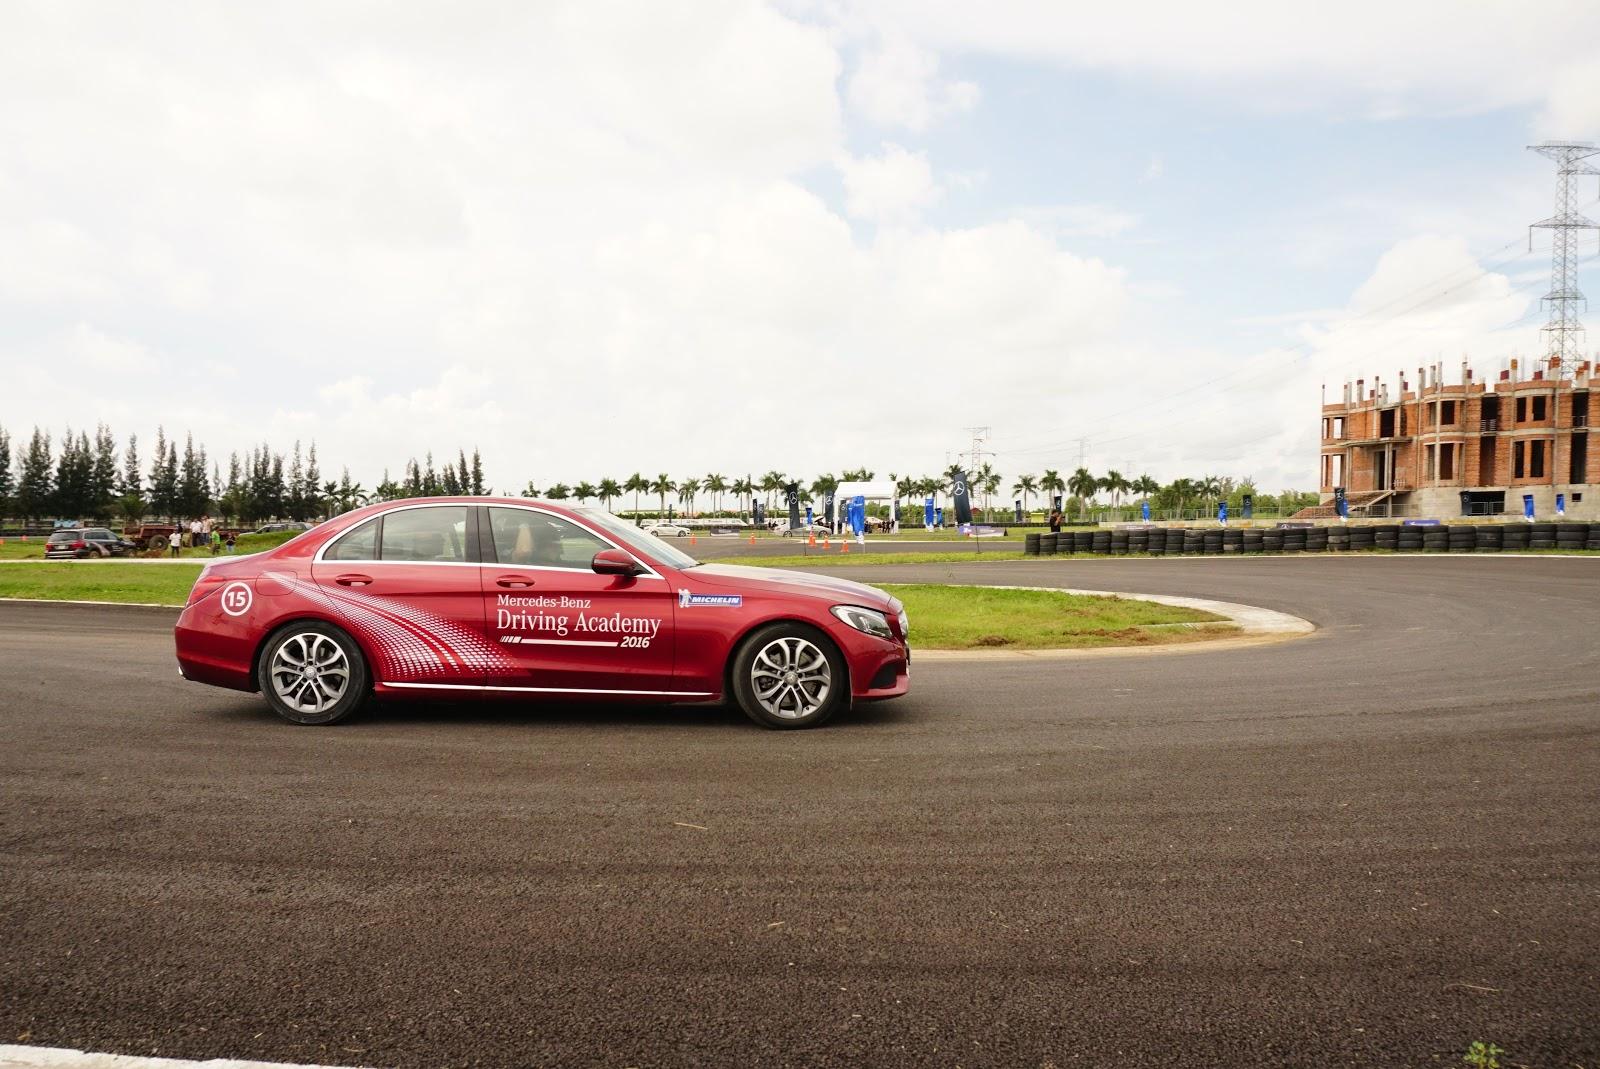 Học viện lái xe an toàn của Mercedes-Benz là học viện lái xe đẳng cấp nhất từ trước đến nay